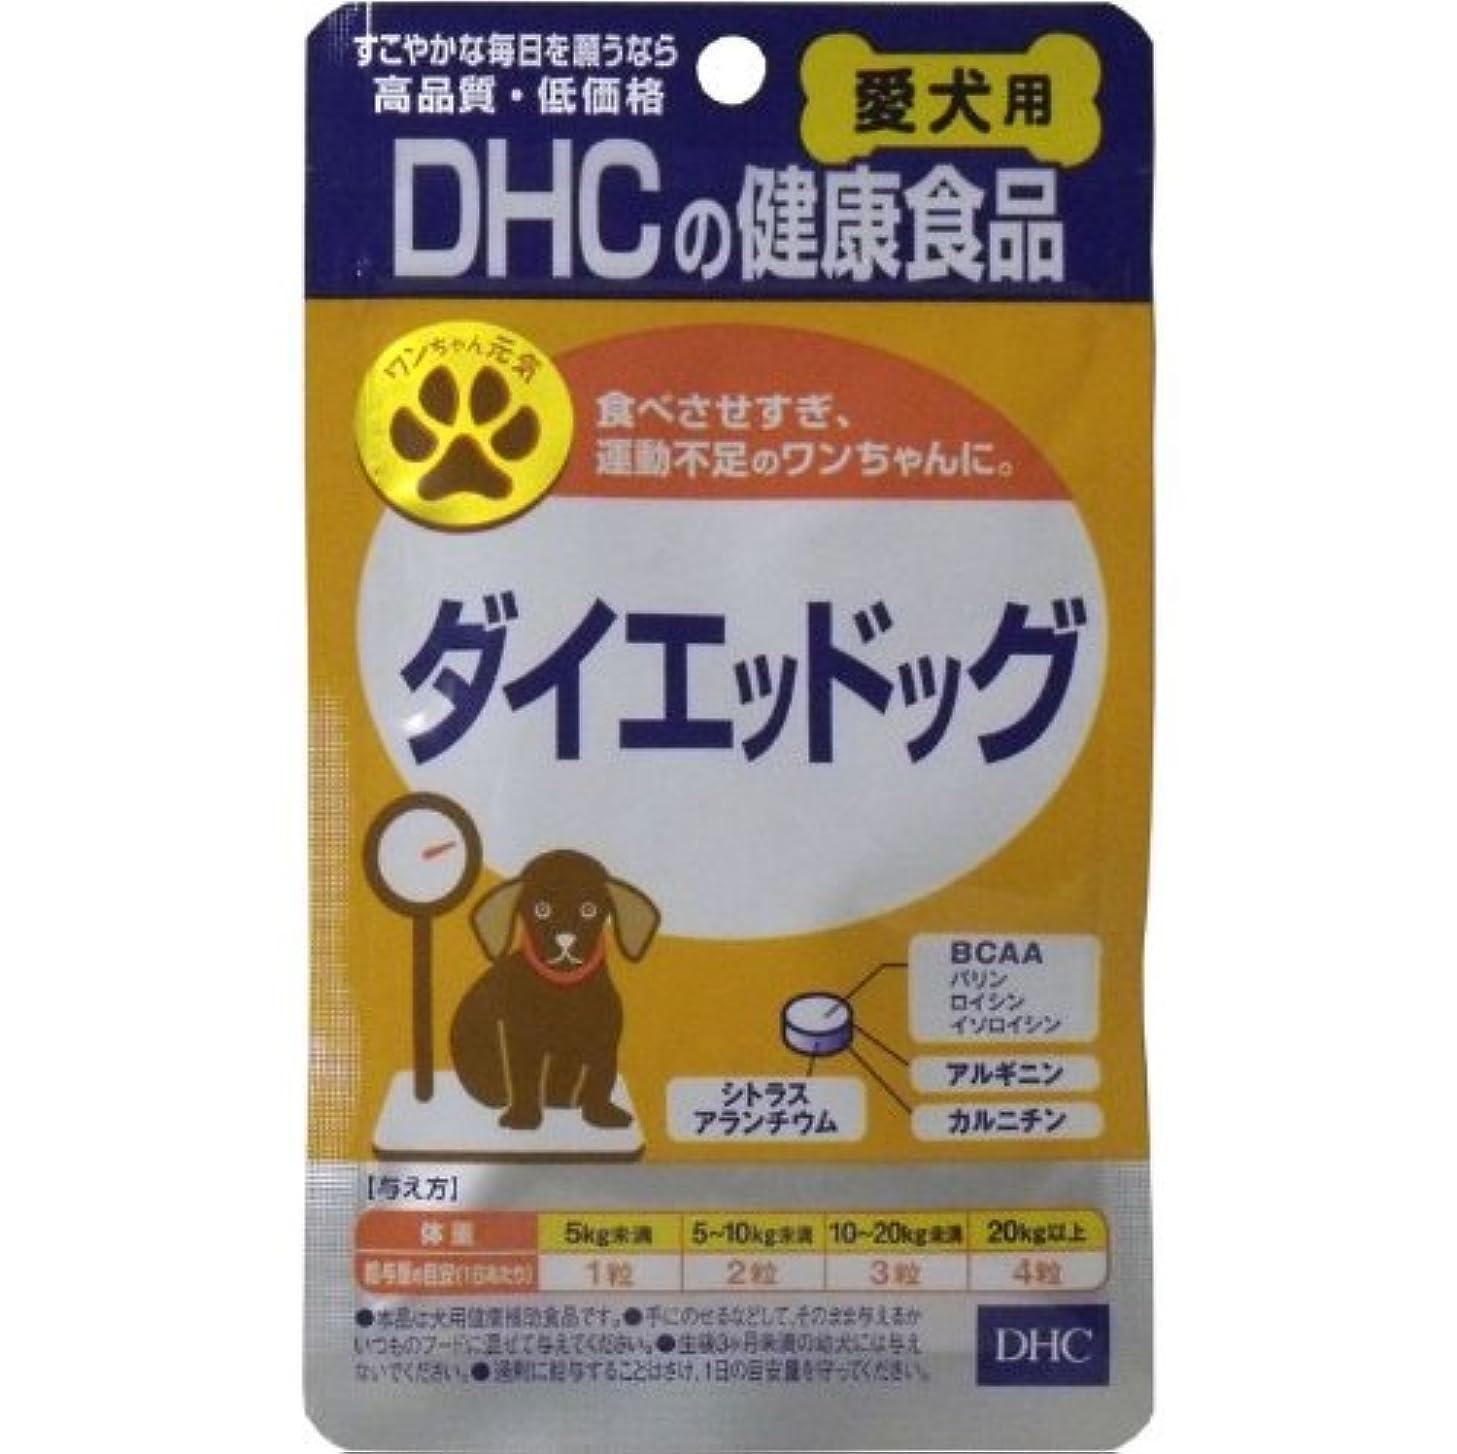 富豪吹雪発疹ペット用品 ペットサプリメント ダイエット 健康 食品 犬用